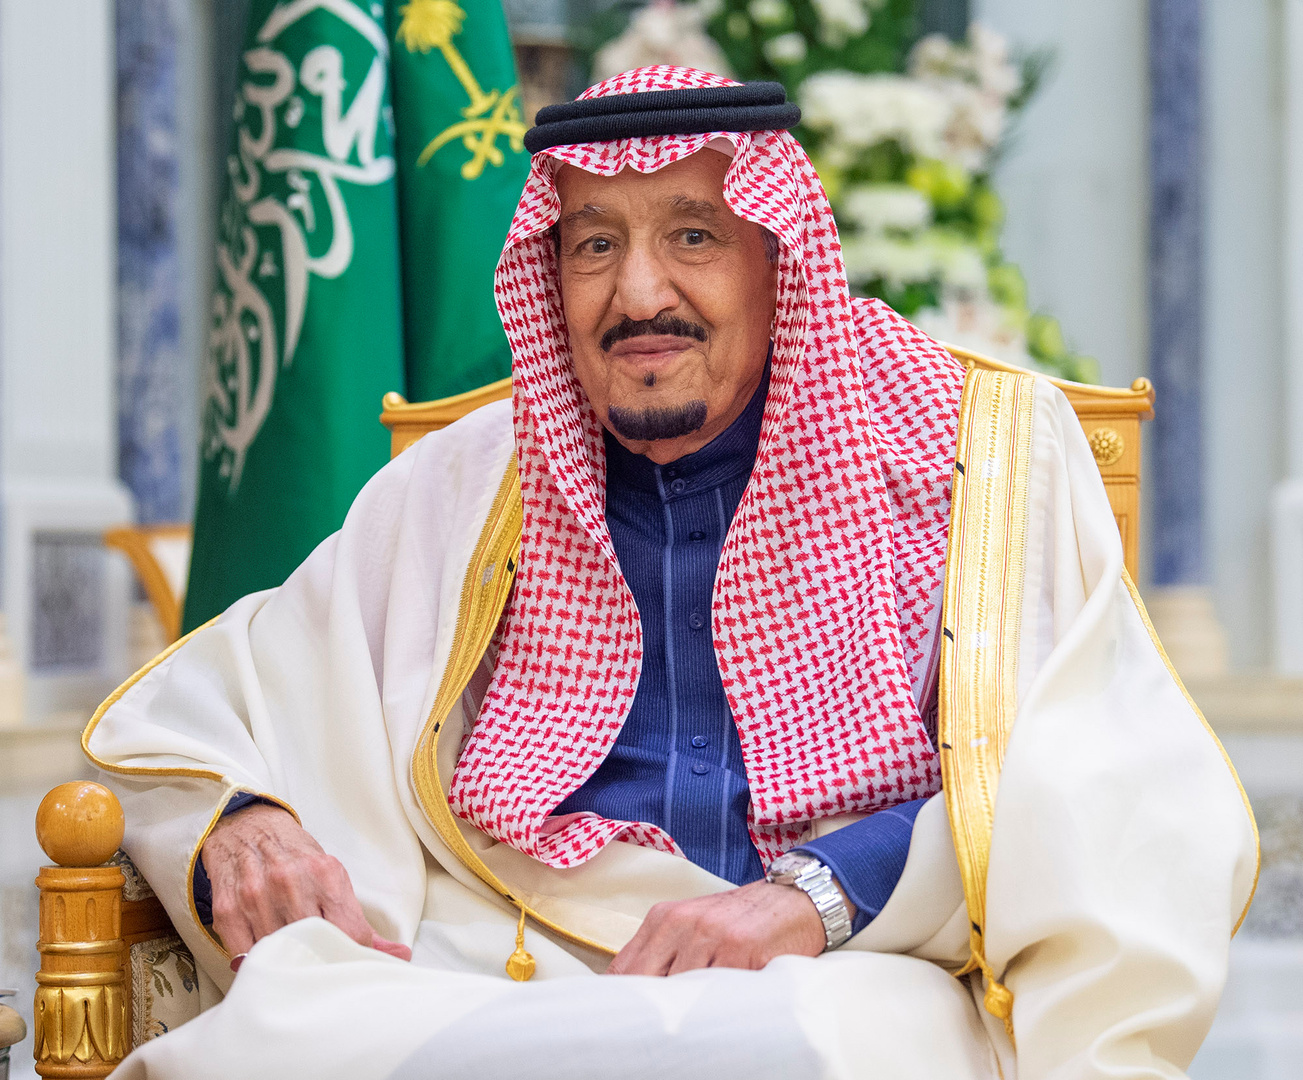 وزير الخارجية الأمريكي يبحث مع نظيره القطري مستجدات الأزمة الخليجية